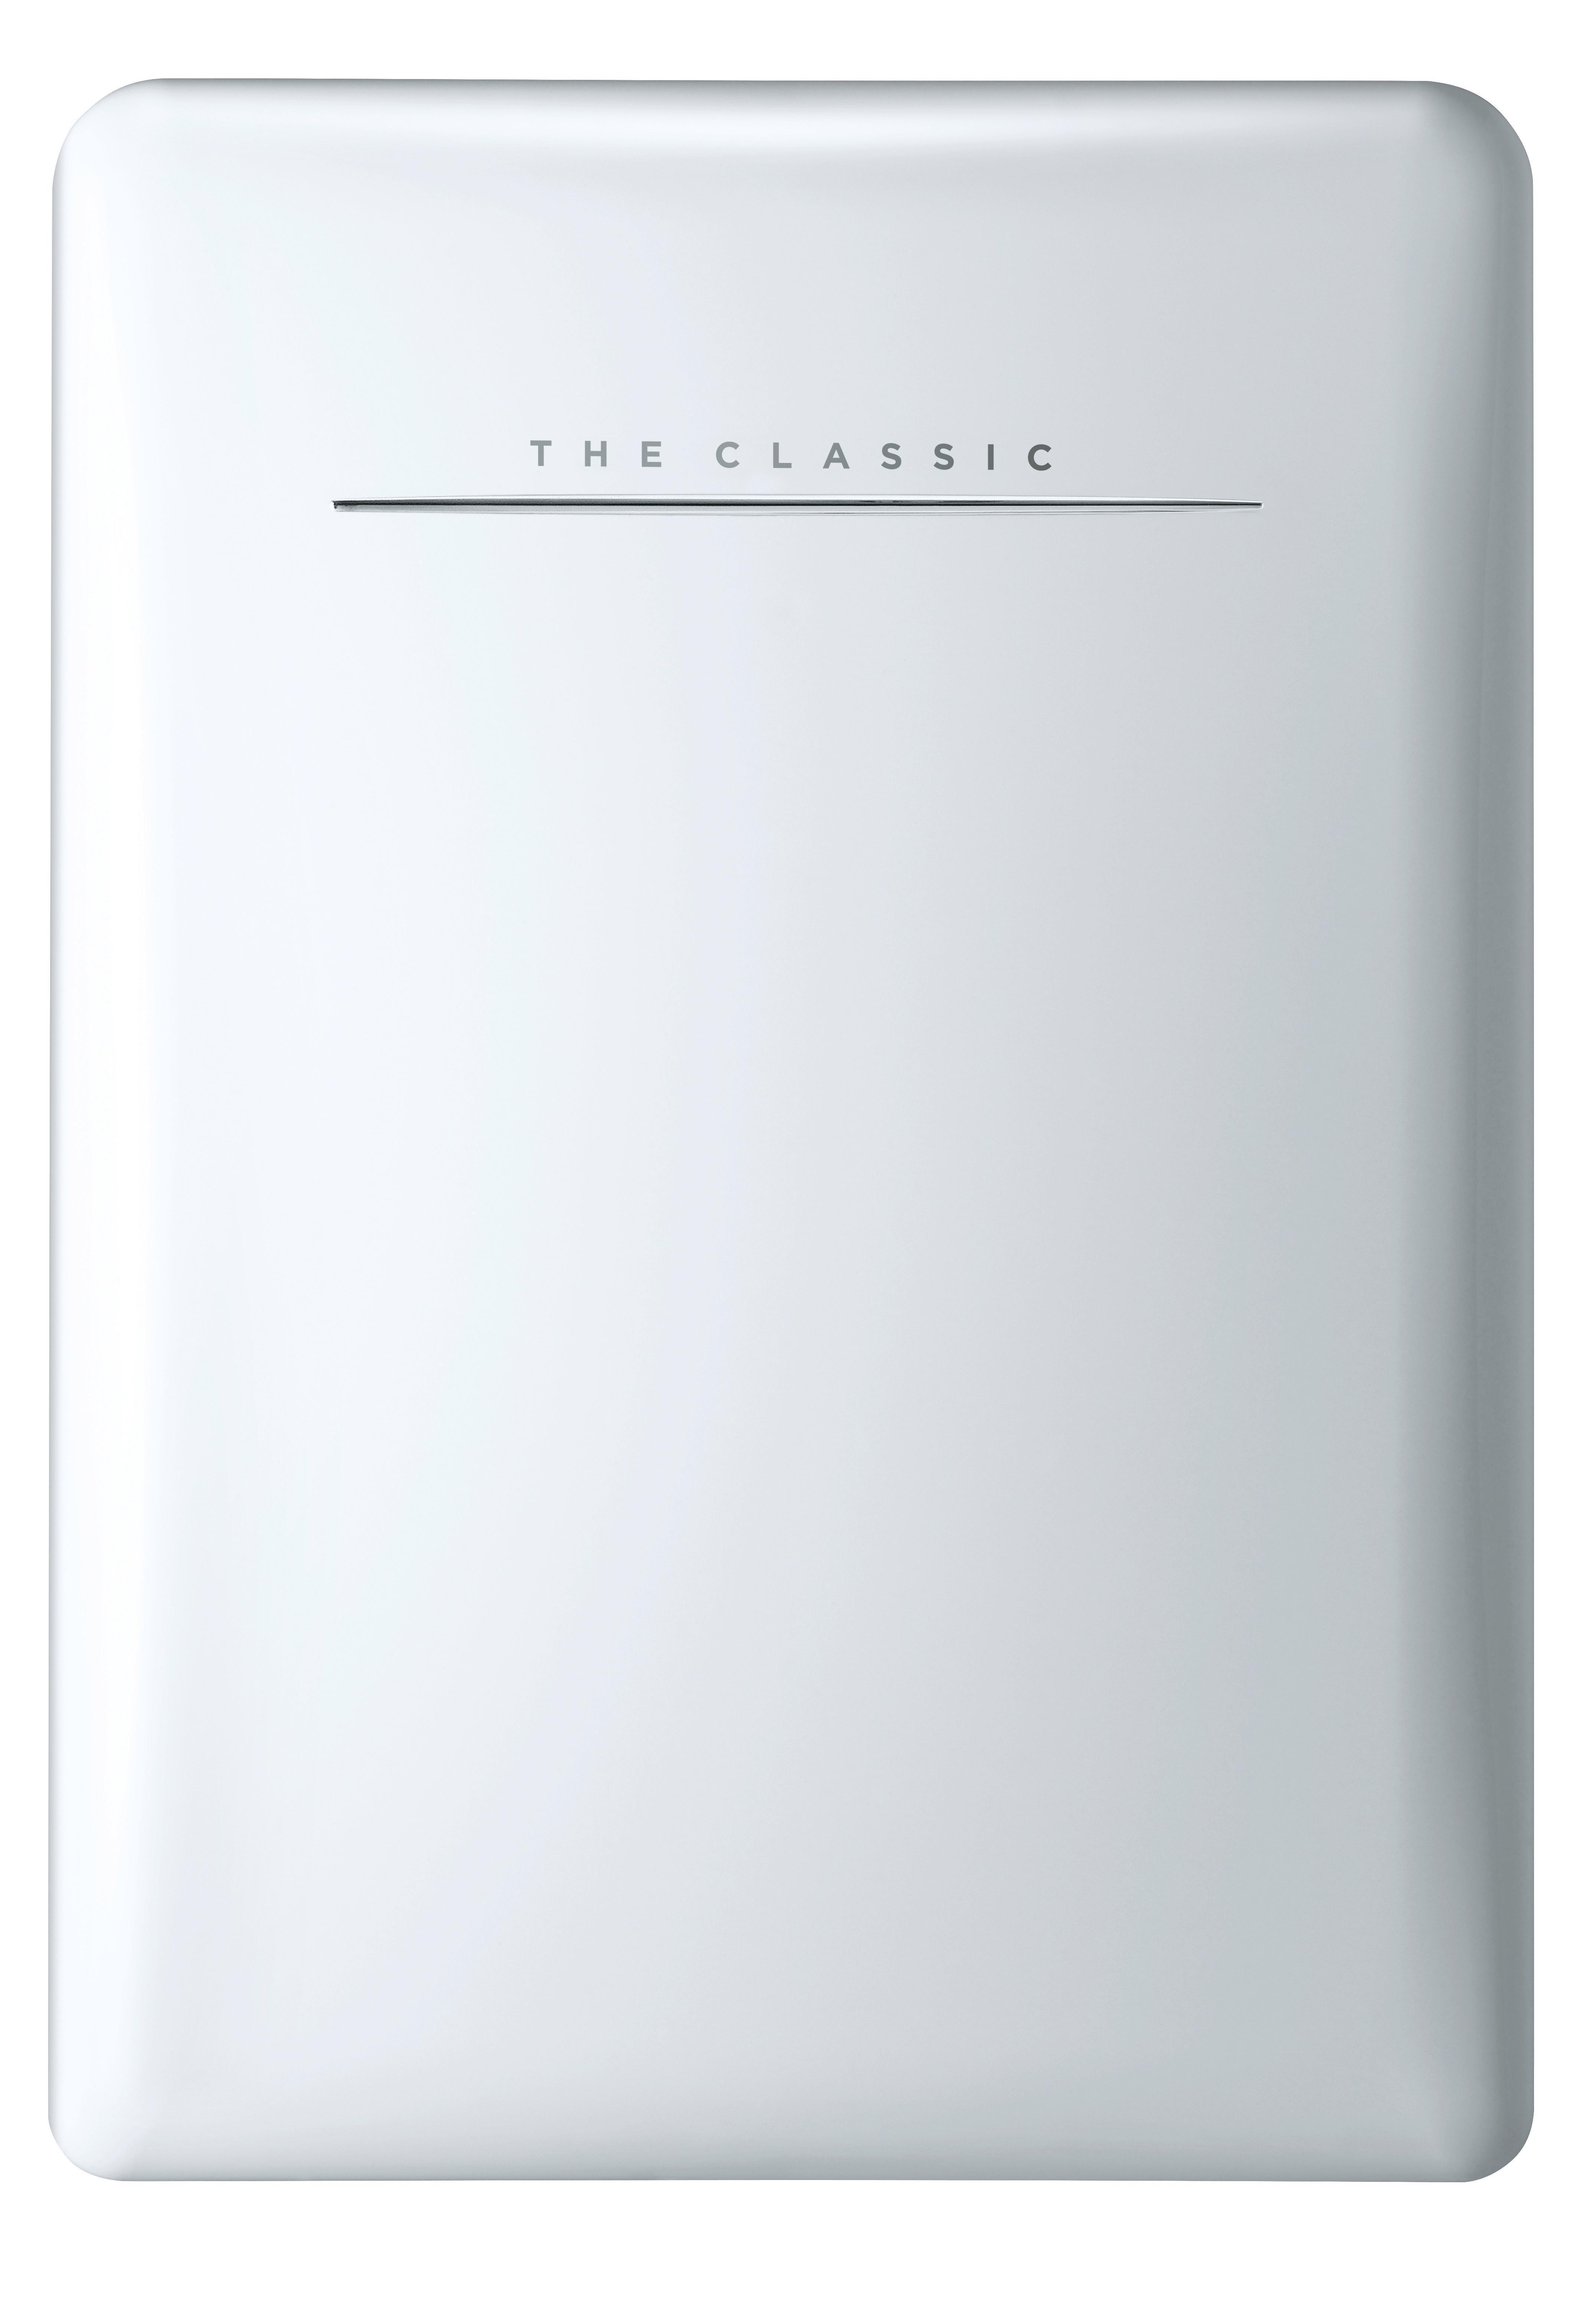 Mini Kühlschrank Möbelix : Bikitchen kühlschrank retro cool weiß online kaufen ➤ möbelix